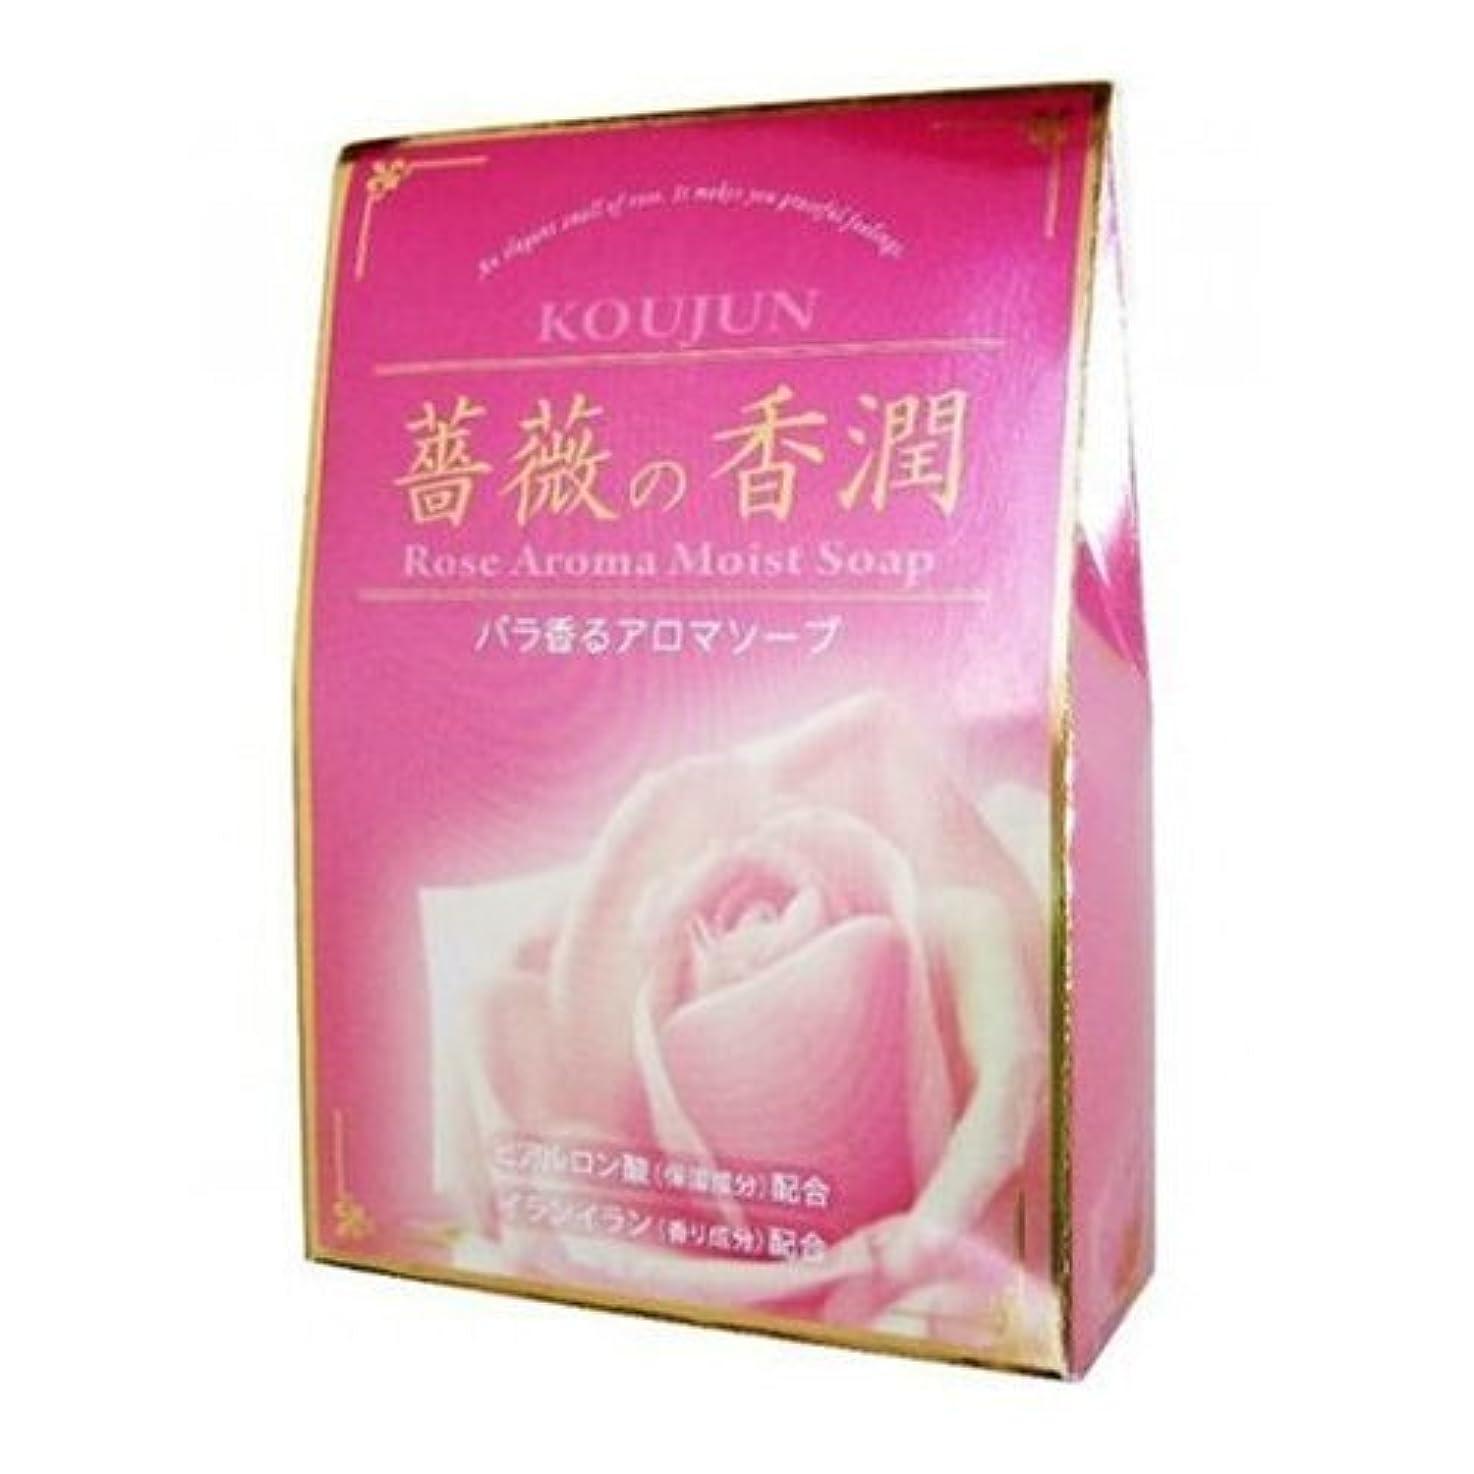 超高層ビル寛大な養う薔薇の香潤 (泡立てネット付) 80g